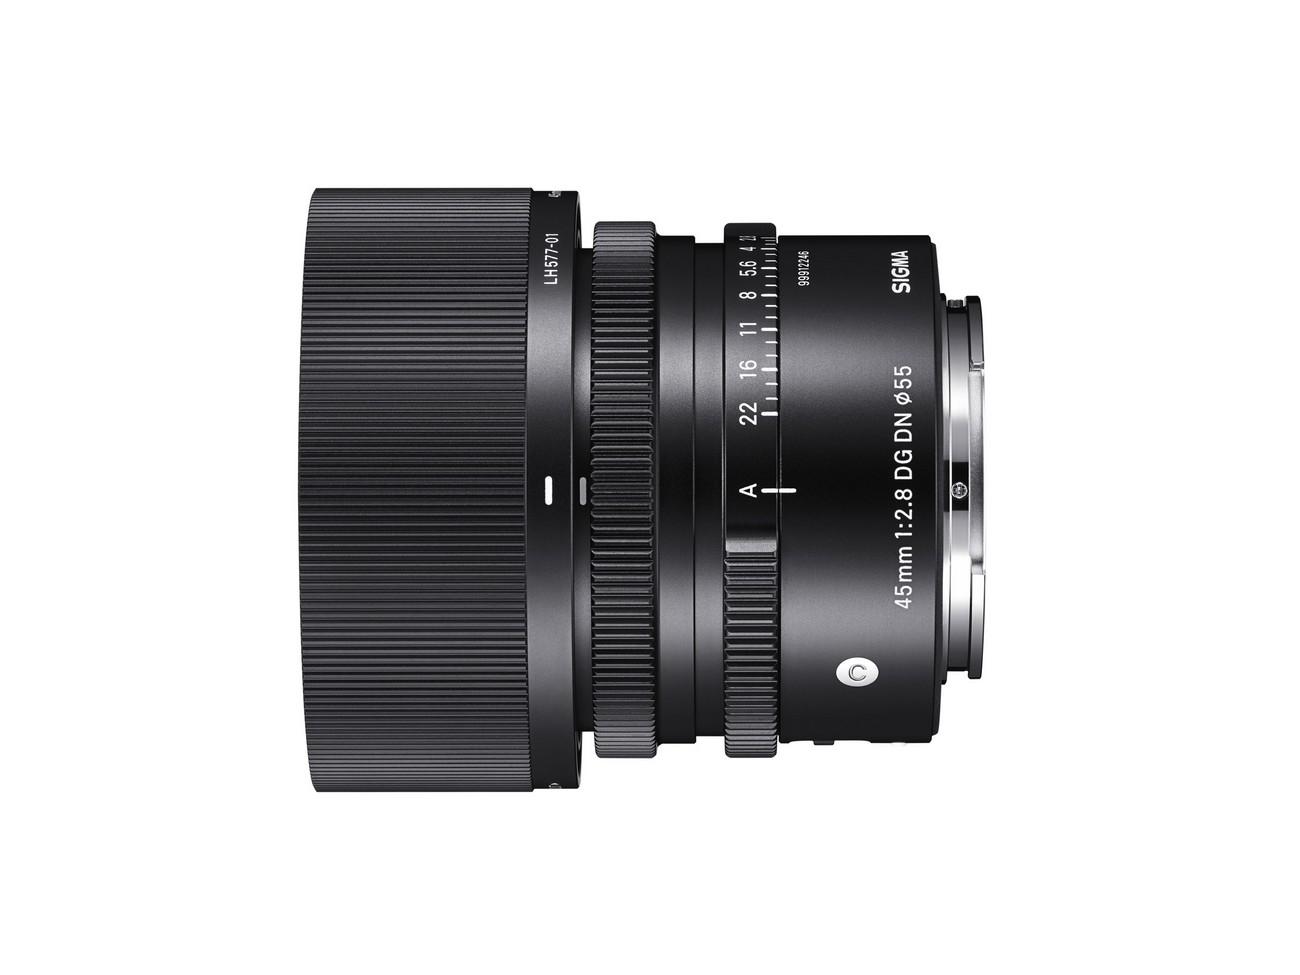 SIGMA 45mm F2.8 C DG DN – Przedstawiamy szerokokątny stałoogniskowy obiektyw o niezwykłej rozdzielczości, zaprojektowany do pełnoklatkowych aparatów bezlusterkowych